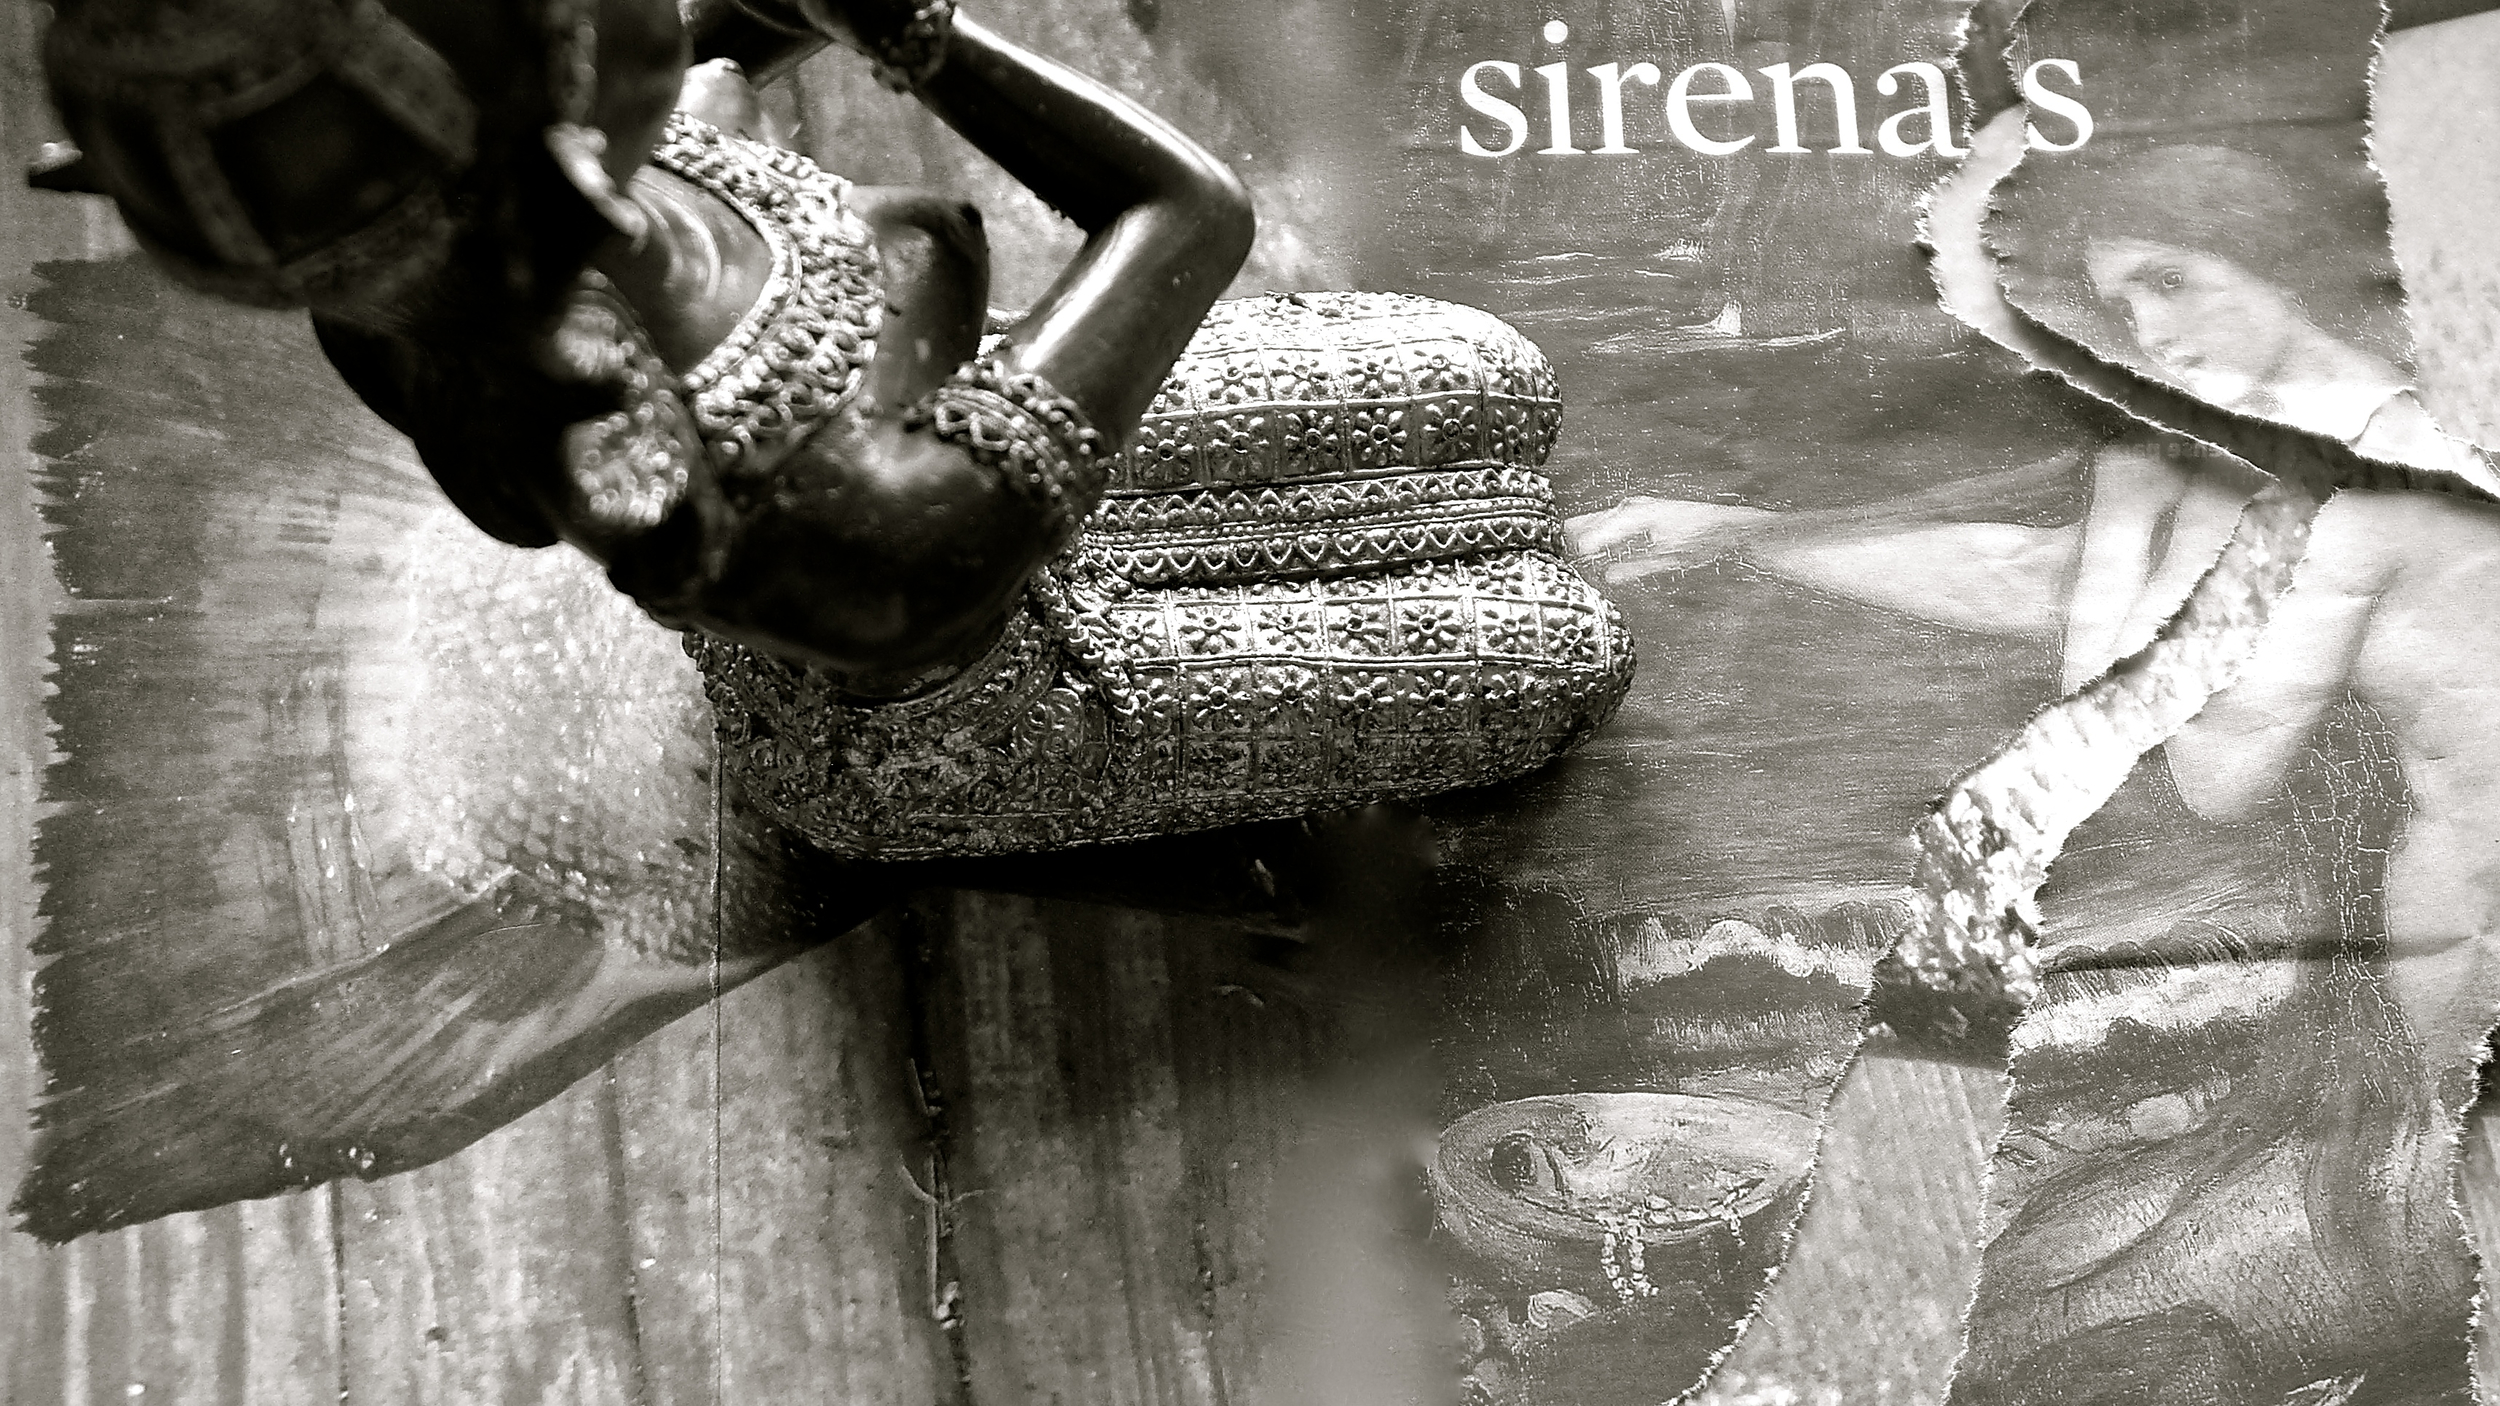 Sirenas ok bn